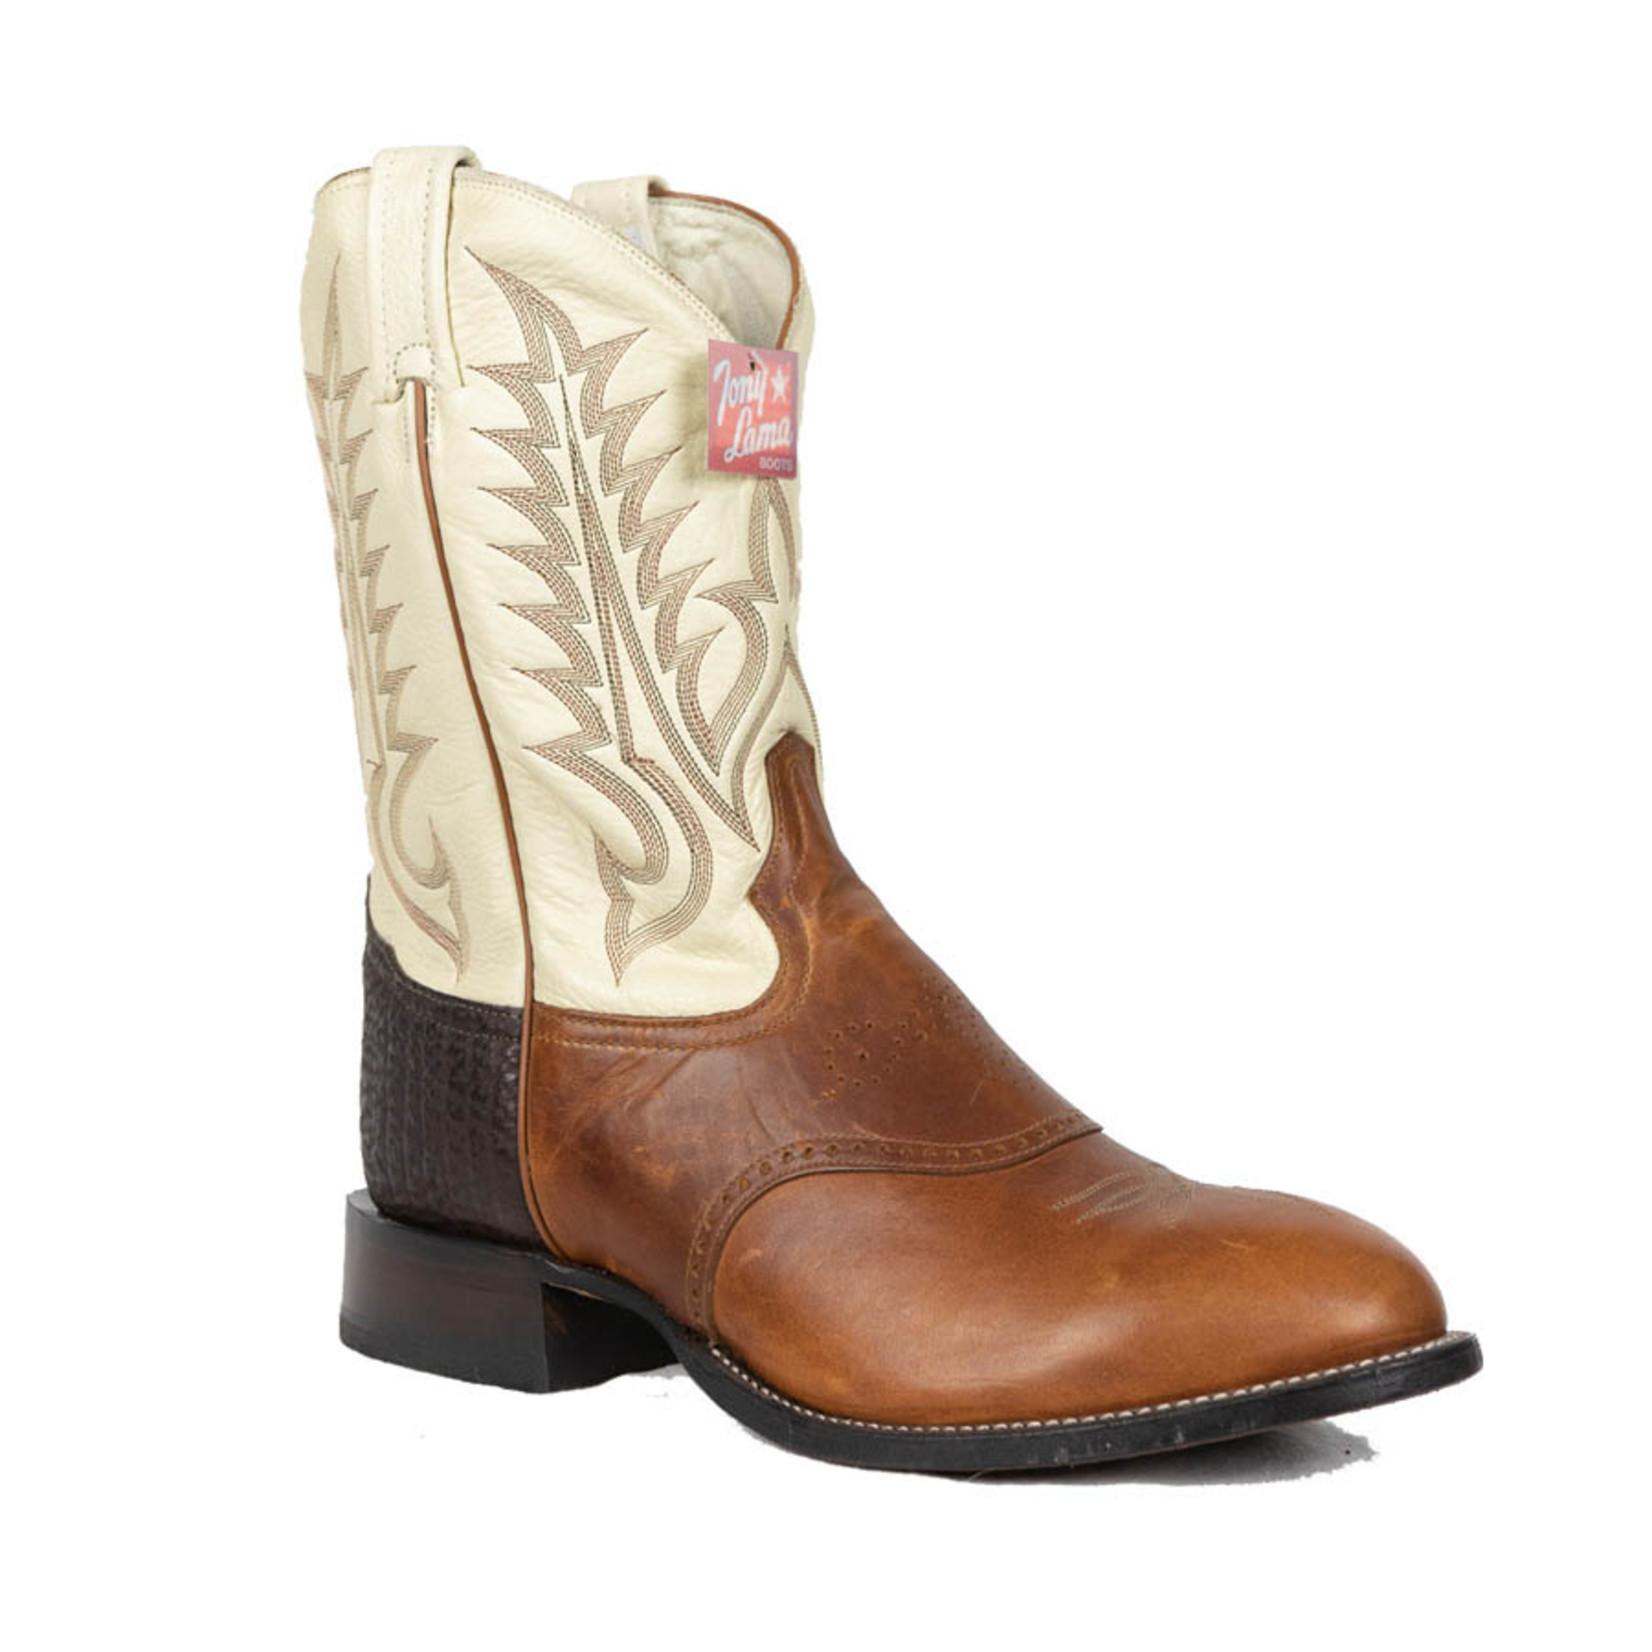 Tony Lama Tony Lama Men's Cowboy Boot CS458 2E